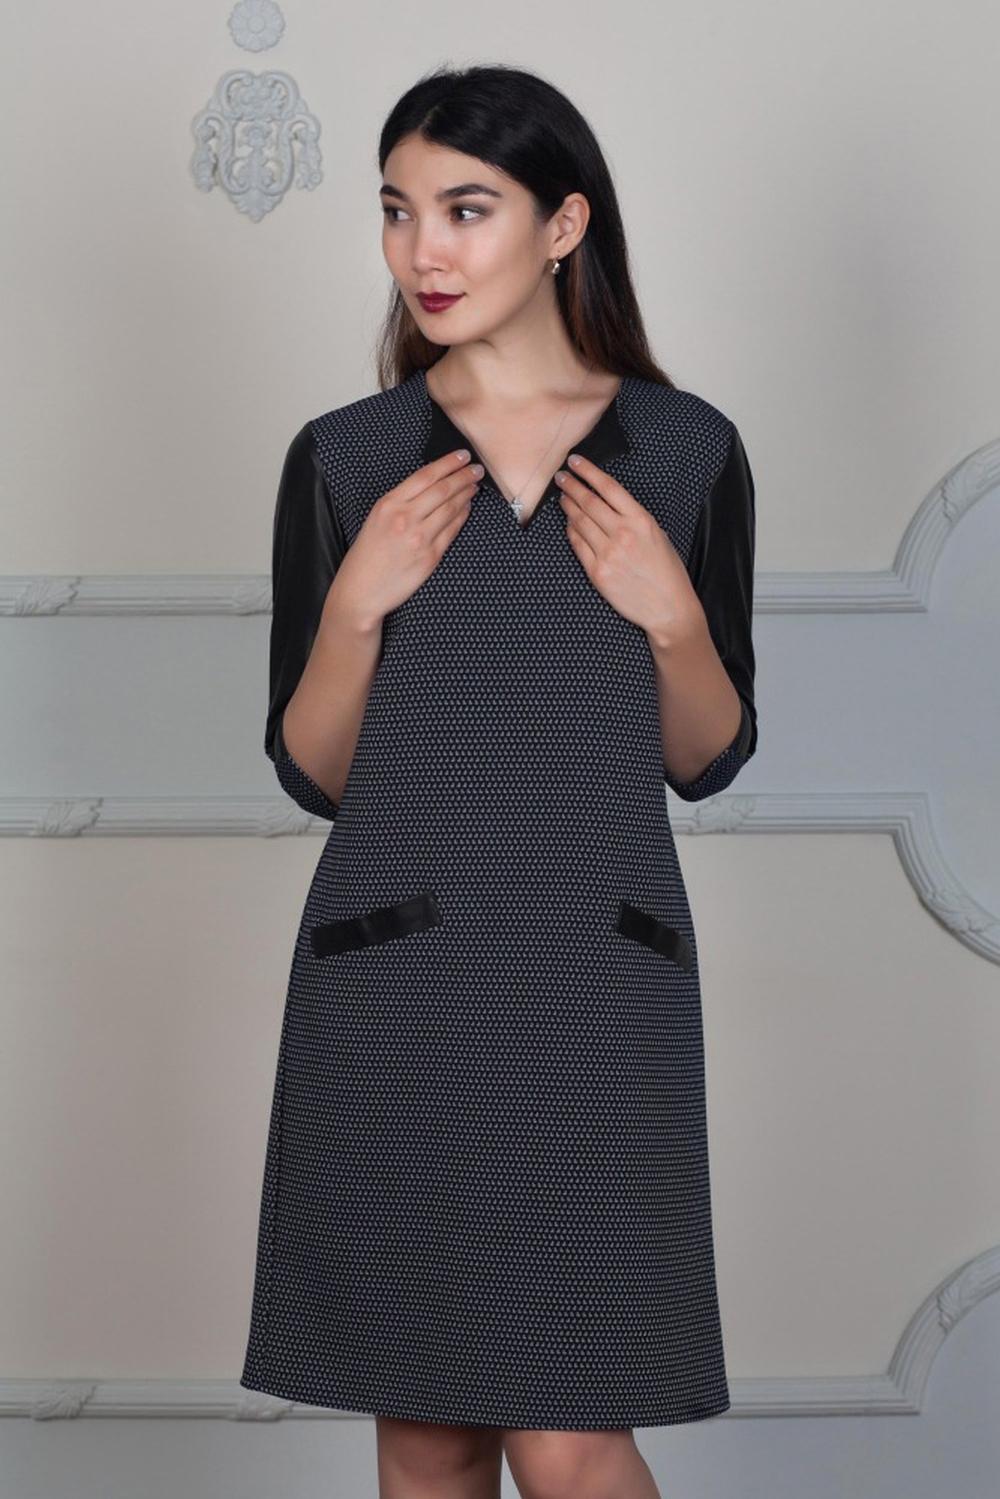 ПлатьеПлатья<br>Платье свободного покроя, не приталенное. А-силуэтное. С рукавами из экокожи и карманами на уровне бедер.  В изделии использованы цвета: черный, белый  Ростовка изделия 170 см.  Длина изделия:  42,44 размера - 97 см;  46,48 размера - 100 см;  50,52 размера - 106 см;  54,56 размера - 110 см.;  58 размера - 112 см.<br><br>Горловина: Фигурная горловина<br>По длине: До колена<br>По материалу: Вискоза,Трикотаж<br>По рисунку: С принтом,Цветные<br>По силуэту: Свободные<br>По стилю: Офисный стиль,Повседневный стиль,Кэжуал,Молодежный стиль<br>По форме: Платье - трапеция<br>По элементам: С карманами,С кожаными вставками<br>Рукав: Рукав три четверти<br>По сезону: Осень,Весна,Зима<br>Размер : 42,44,46,48,56<br>Материал: Трикотаж + Искусственная кожа<br>Количество в наличии: 5